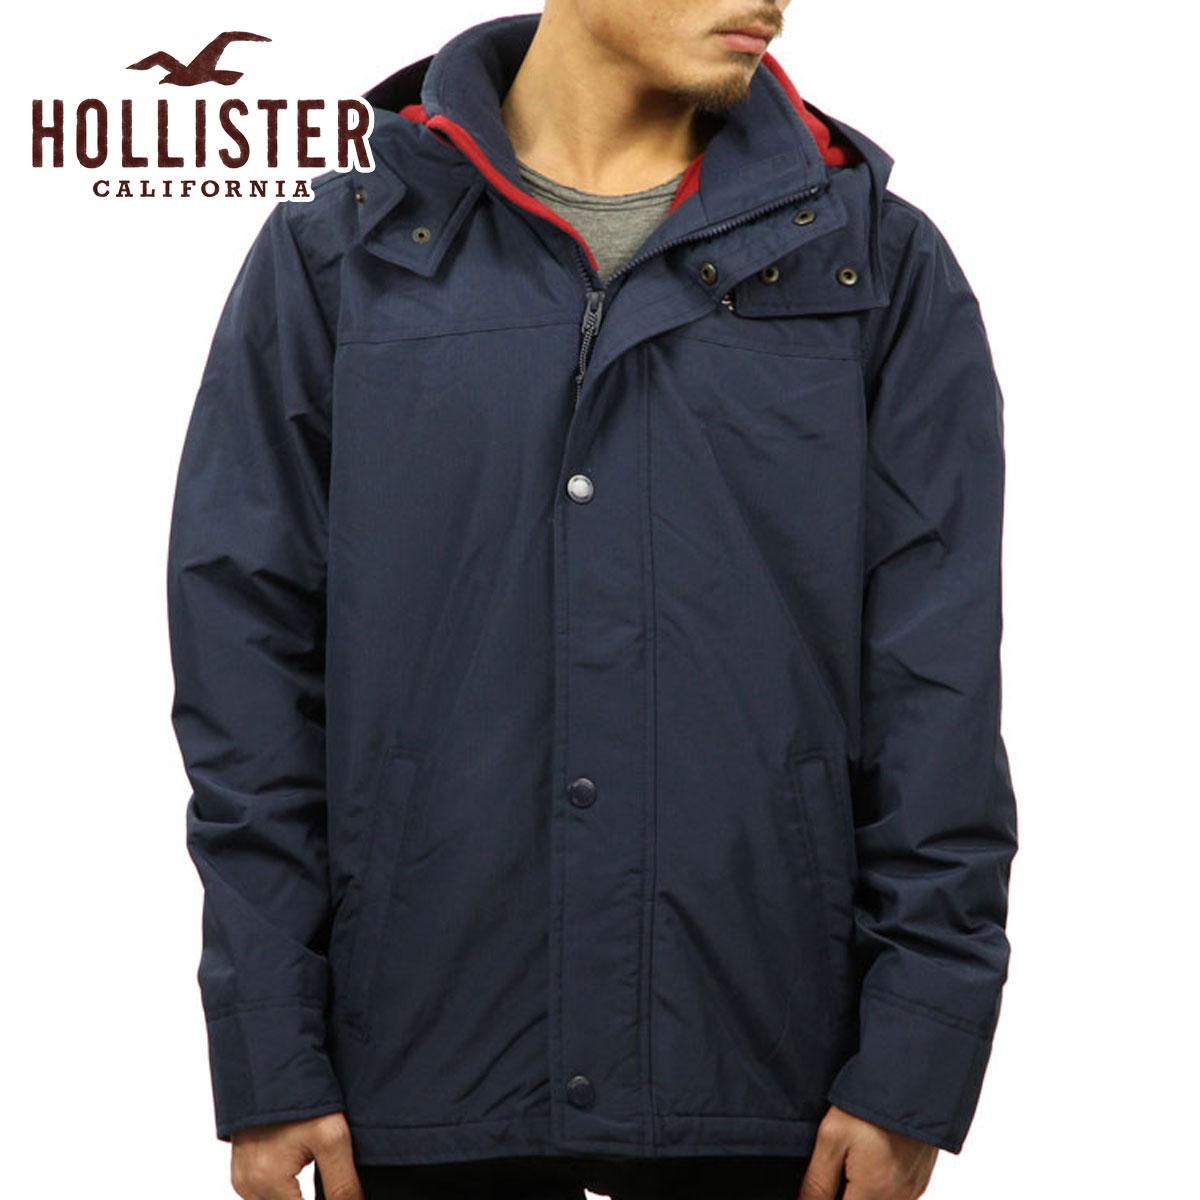 ホリスター HOLLISTER 正規品 メンズ アウタージャケット All-Weather Fleece Lined Jacket 332-328-0682-200 D00S20